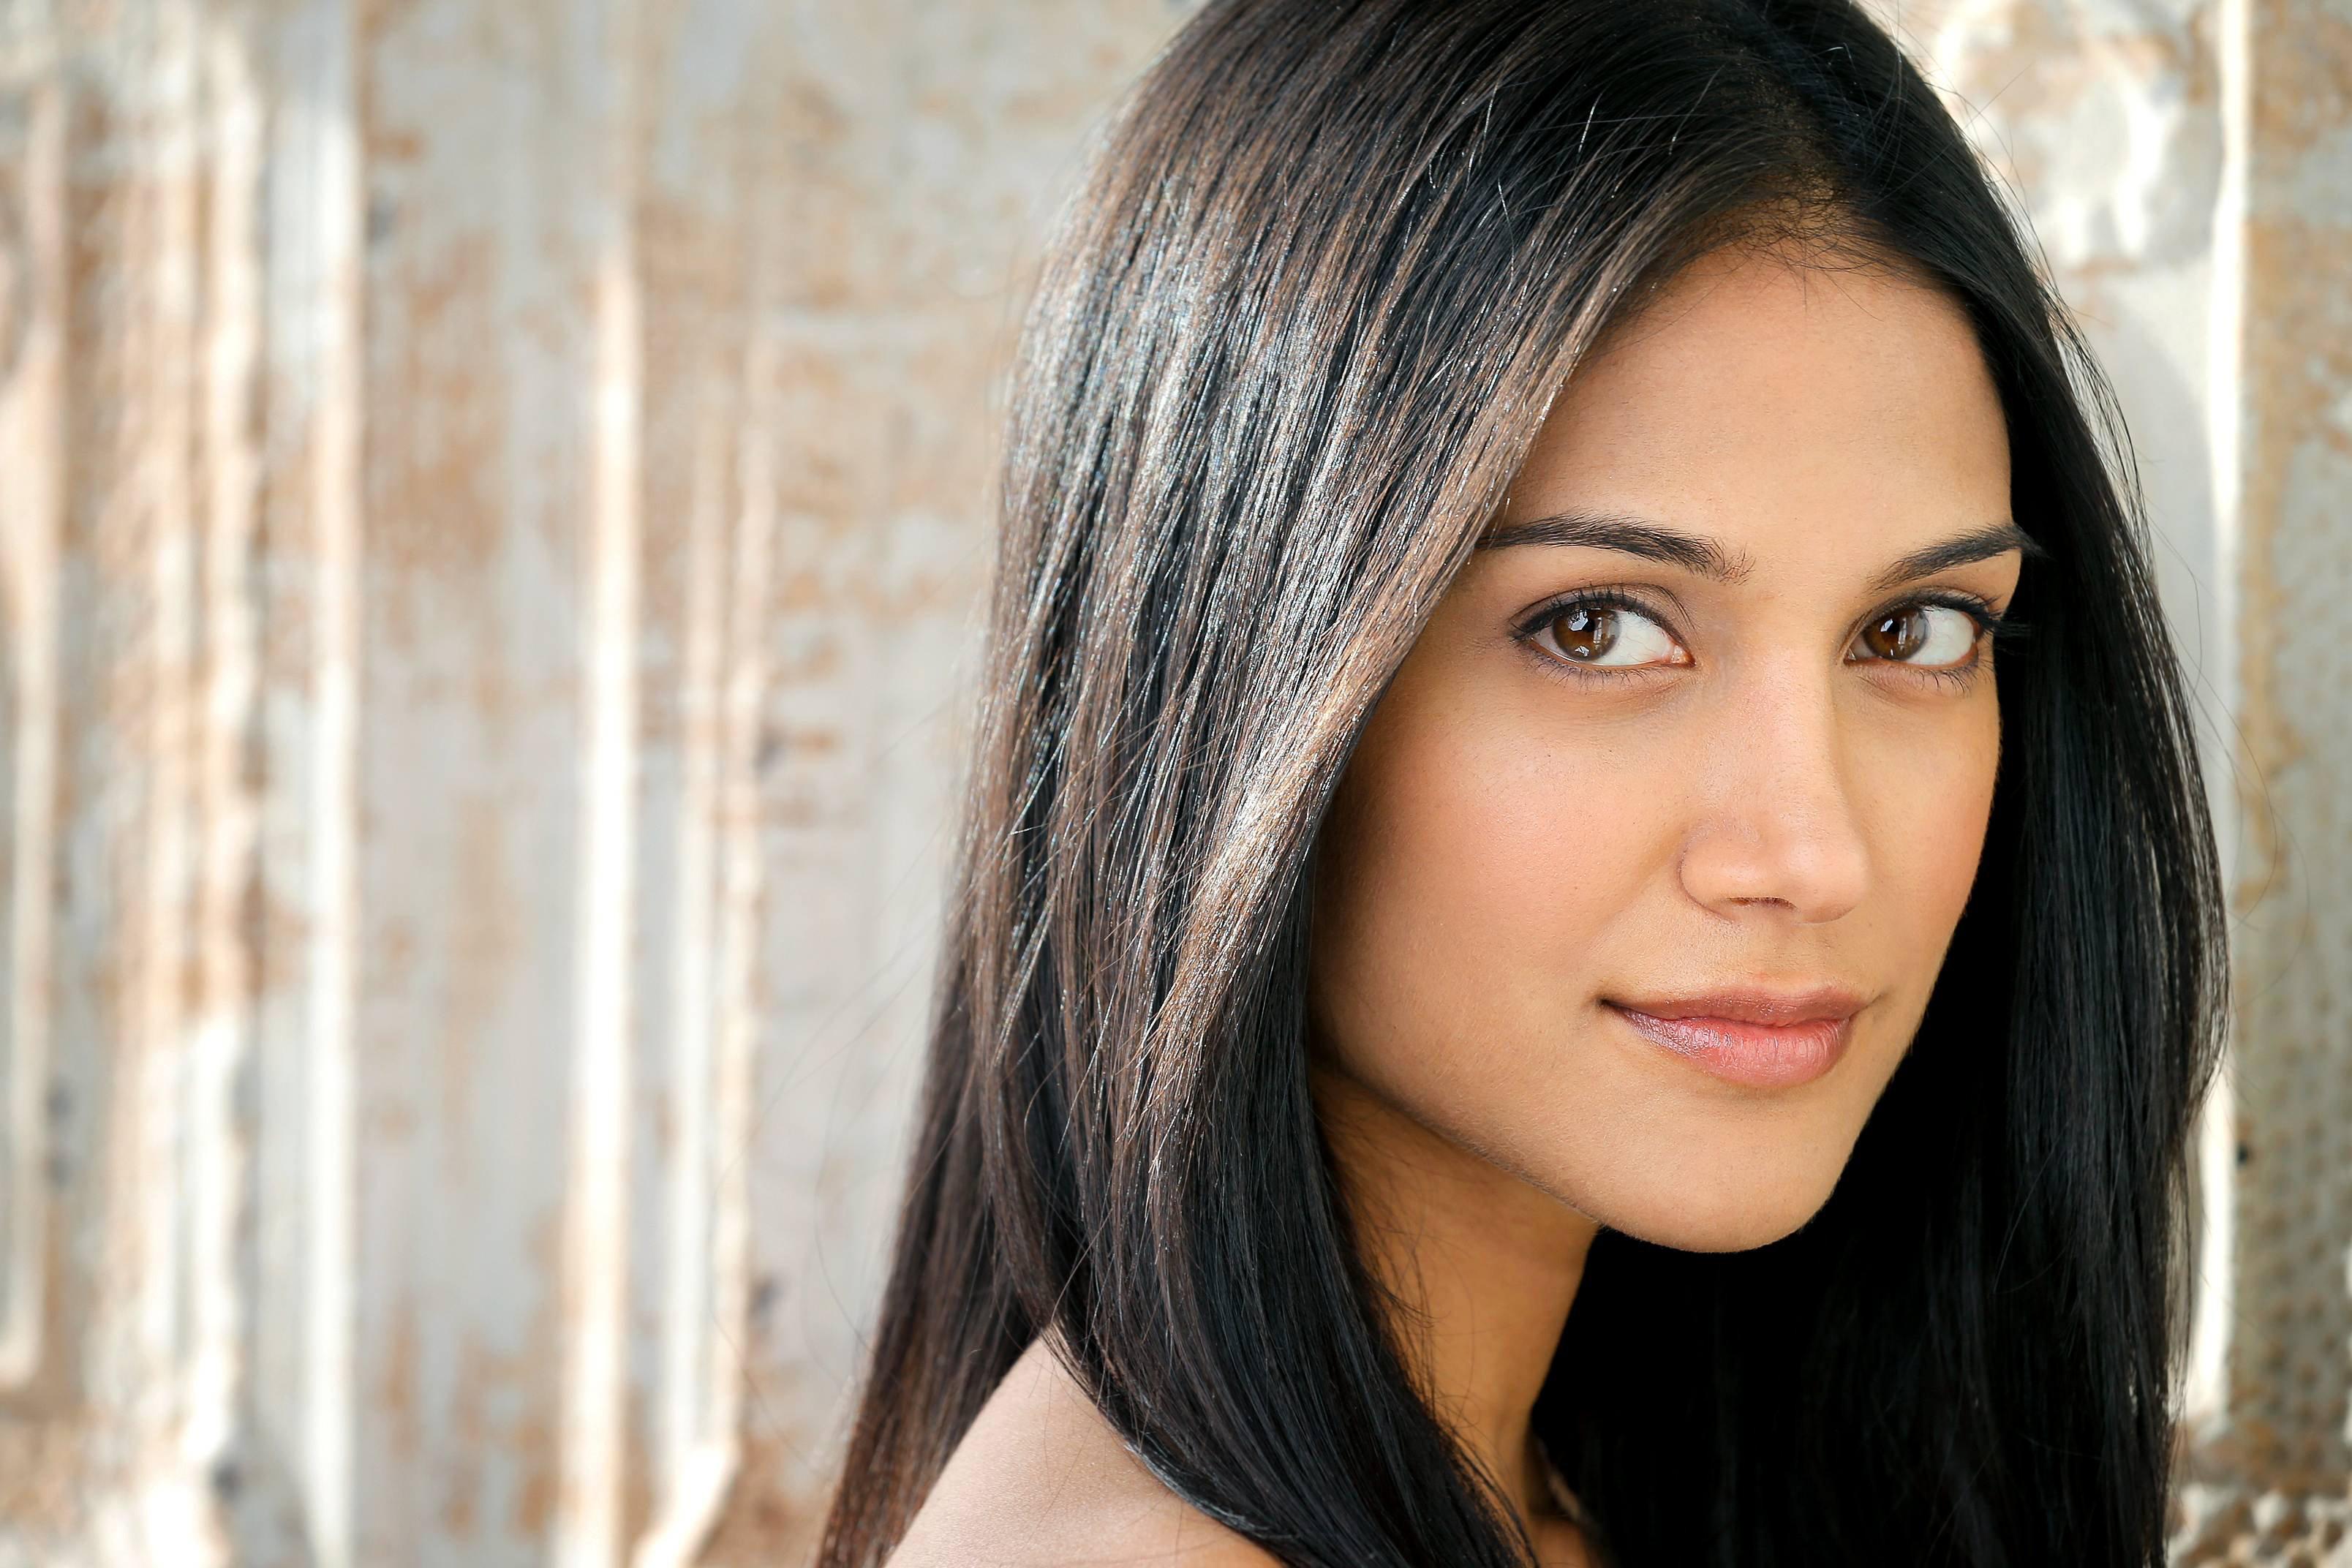 Những nữ diễn viên có sắc đẹp hiện đại vạn người đắm say